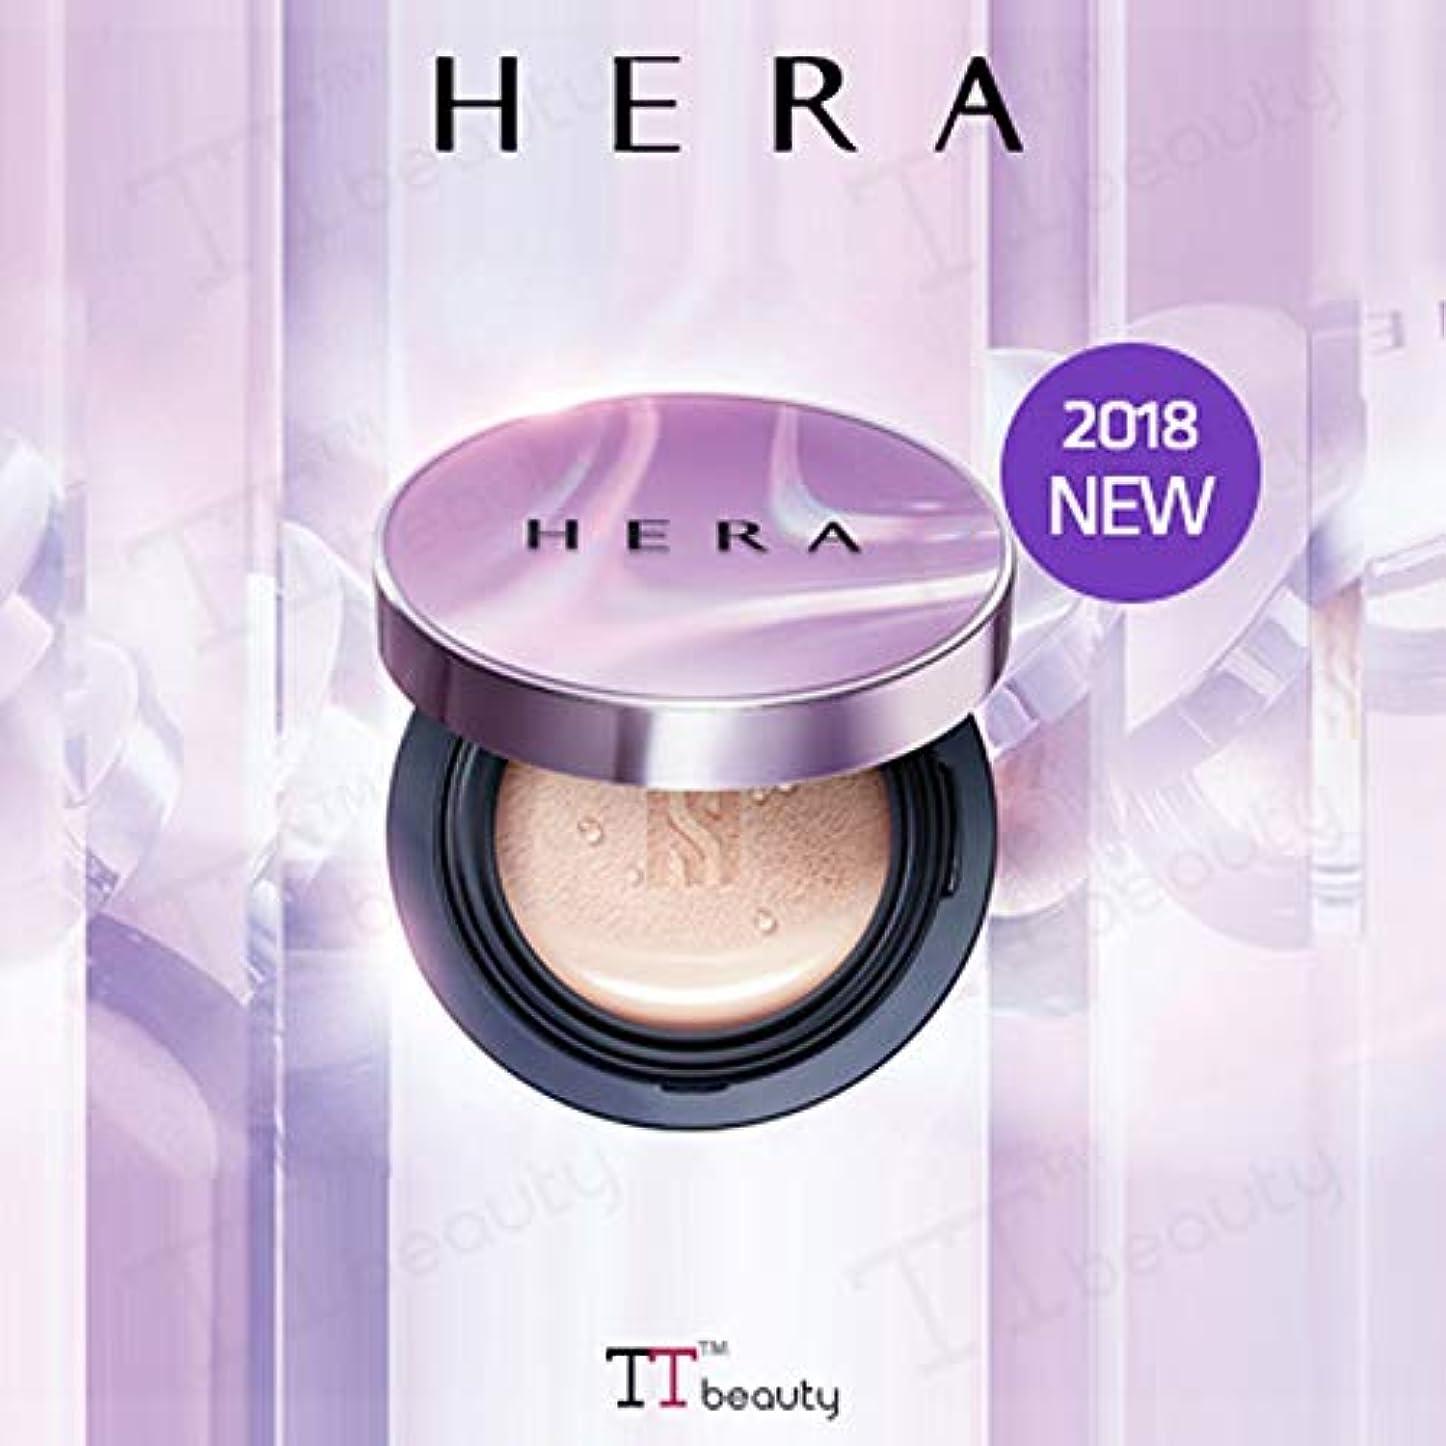 解任政令批判的に[HERA/ヘラ]UVミストクッションカバー(15gx2)/UV MIST CUSHION COVER SPF50+/PA+++[2018新発売][TTBEAUTY][韓国コスメ] (No.C15-Rose Ivory...